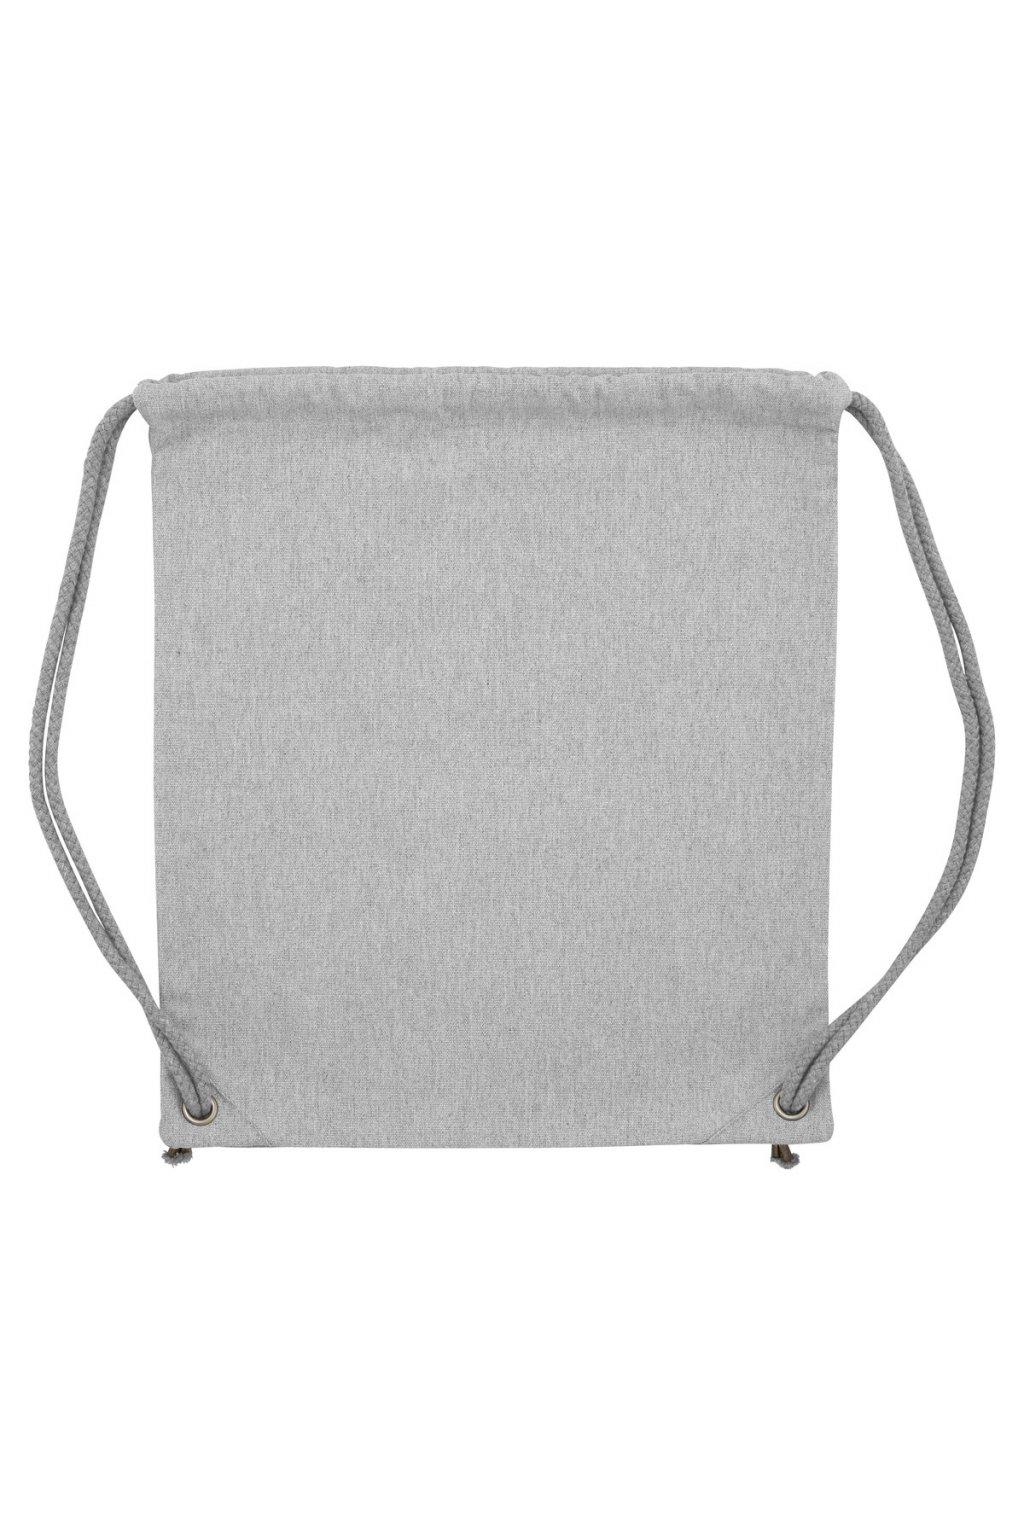 Gym Bag Heather Grey Packshot Front Main 0